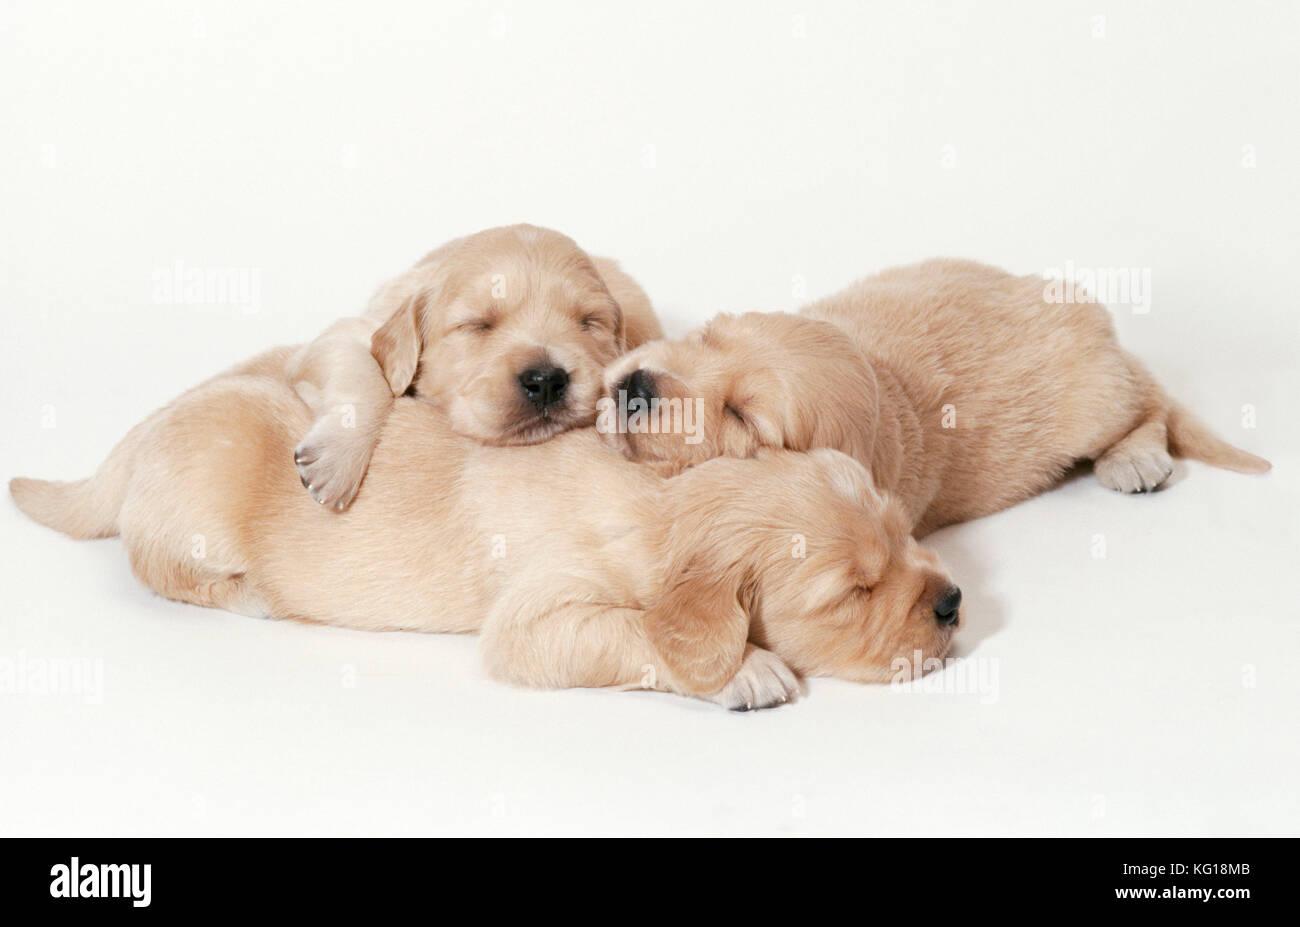 golden retriever hund welpen schlafend 3 wochen alt stockfoto bild 164756603 alamy. Black Bedroom Furniture Sets. Home Design Ideas